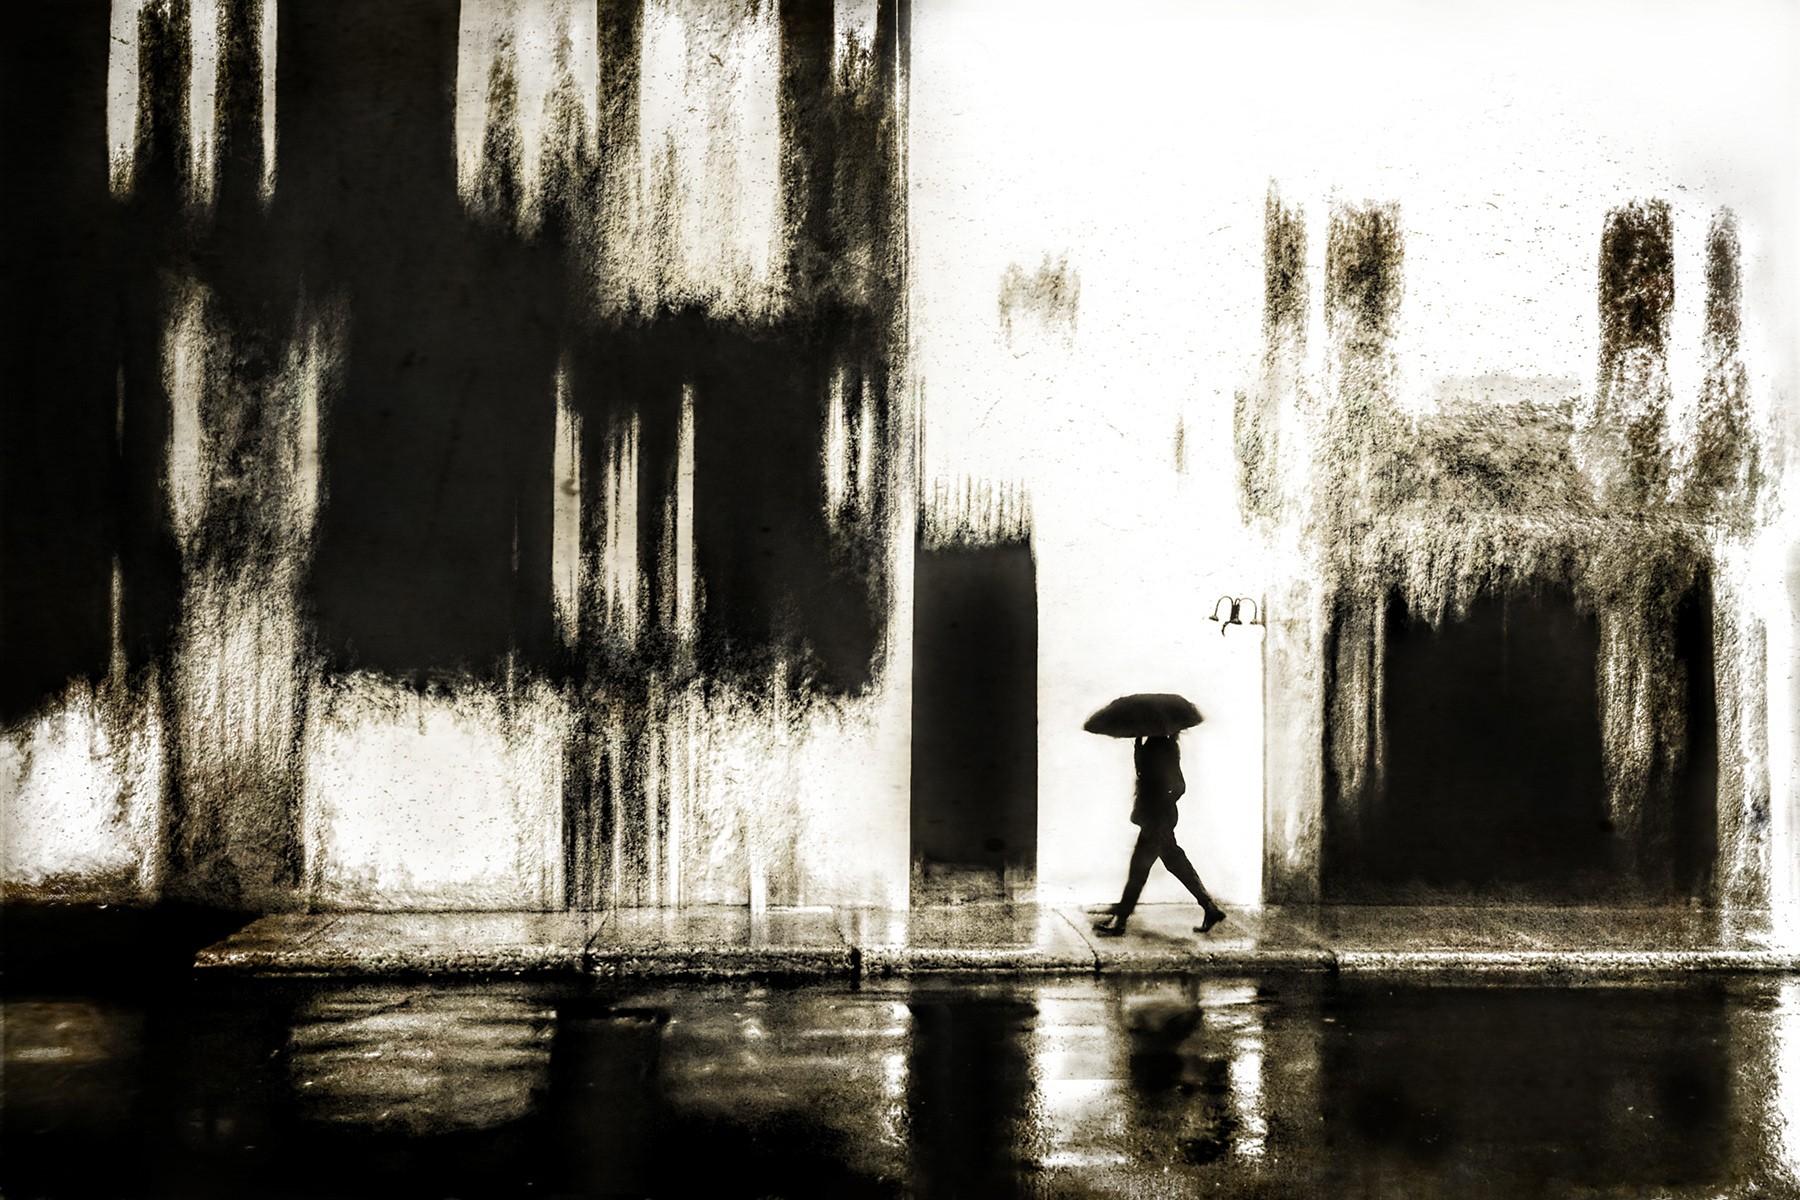 Окна. Автор Даниэль Кастонгуэй